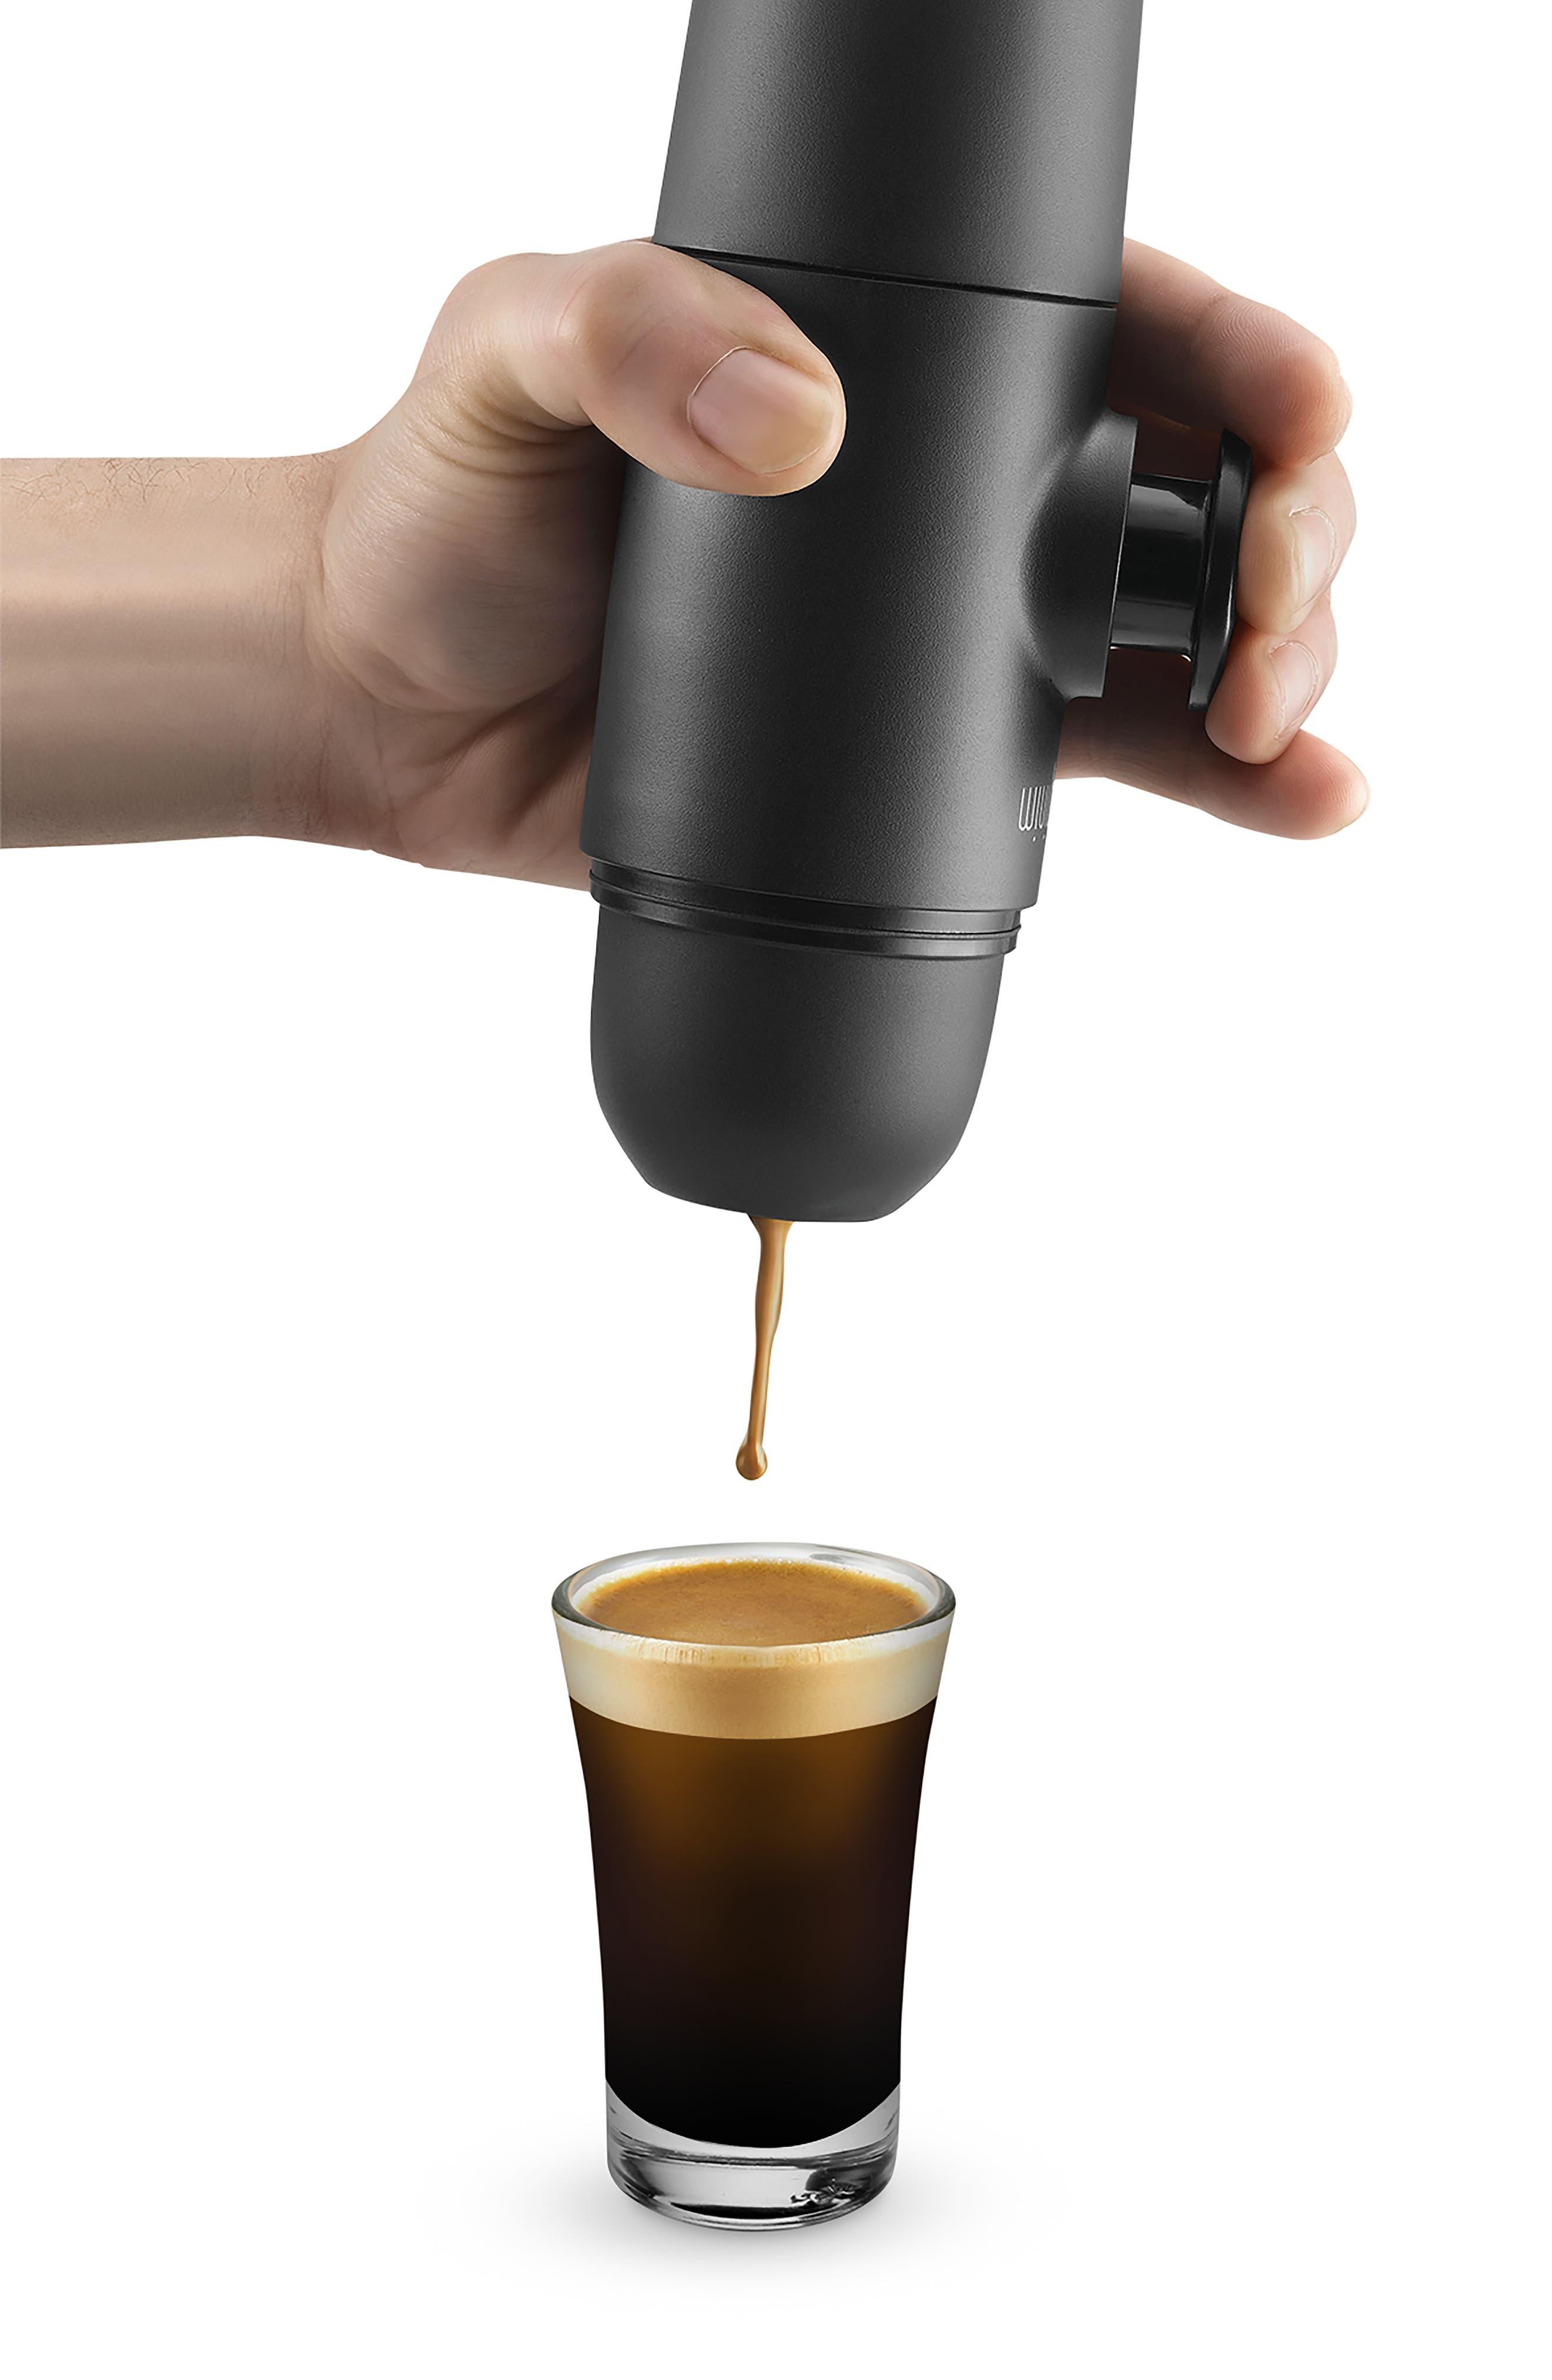 Minipresso Travel Espresso Maker,                             Alternate thumbnail 7, color,                             001